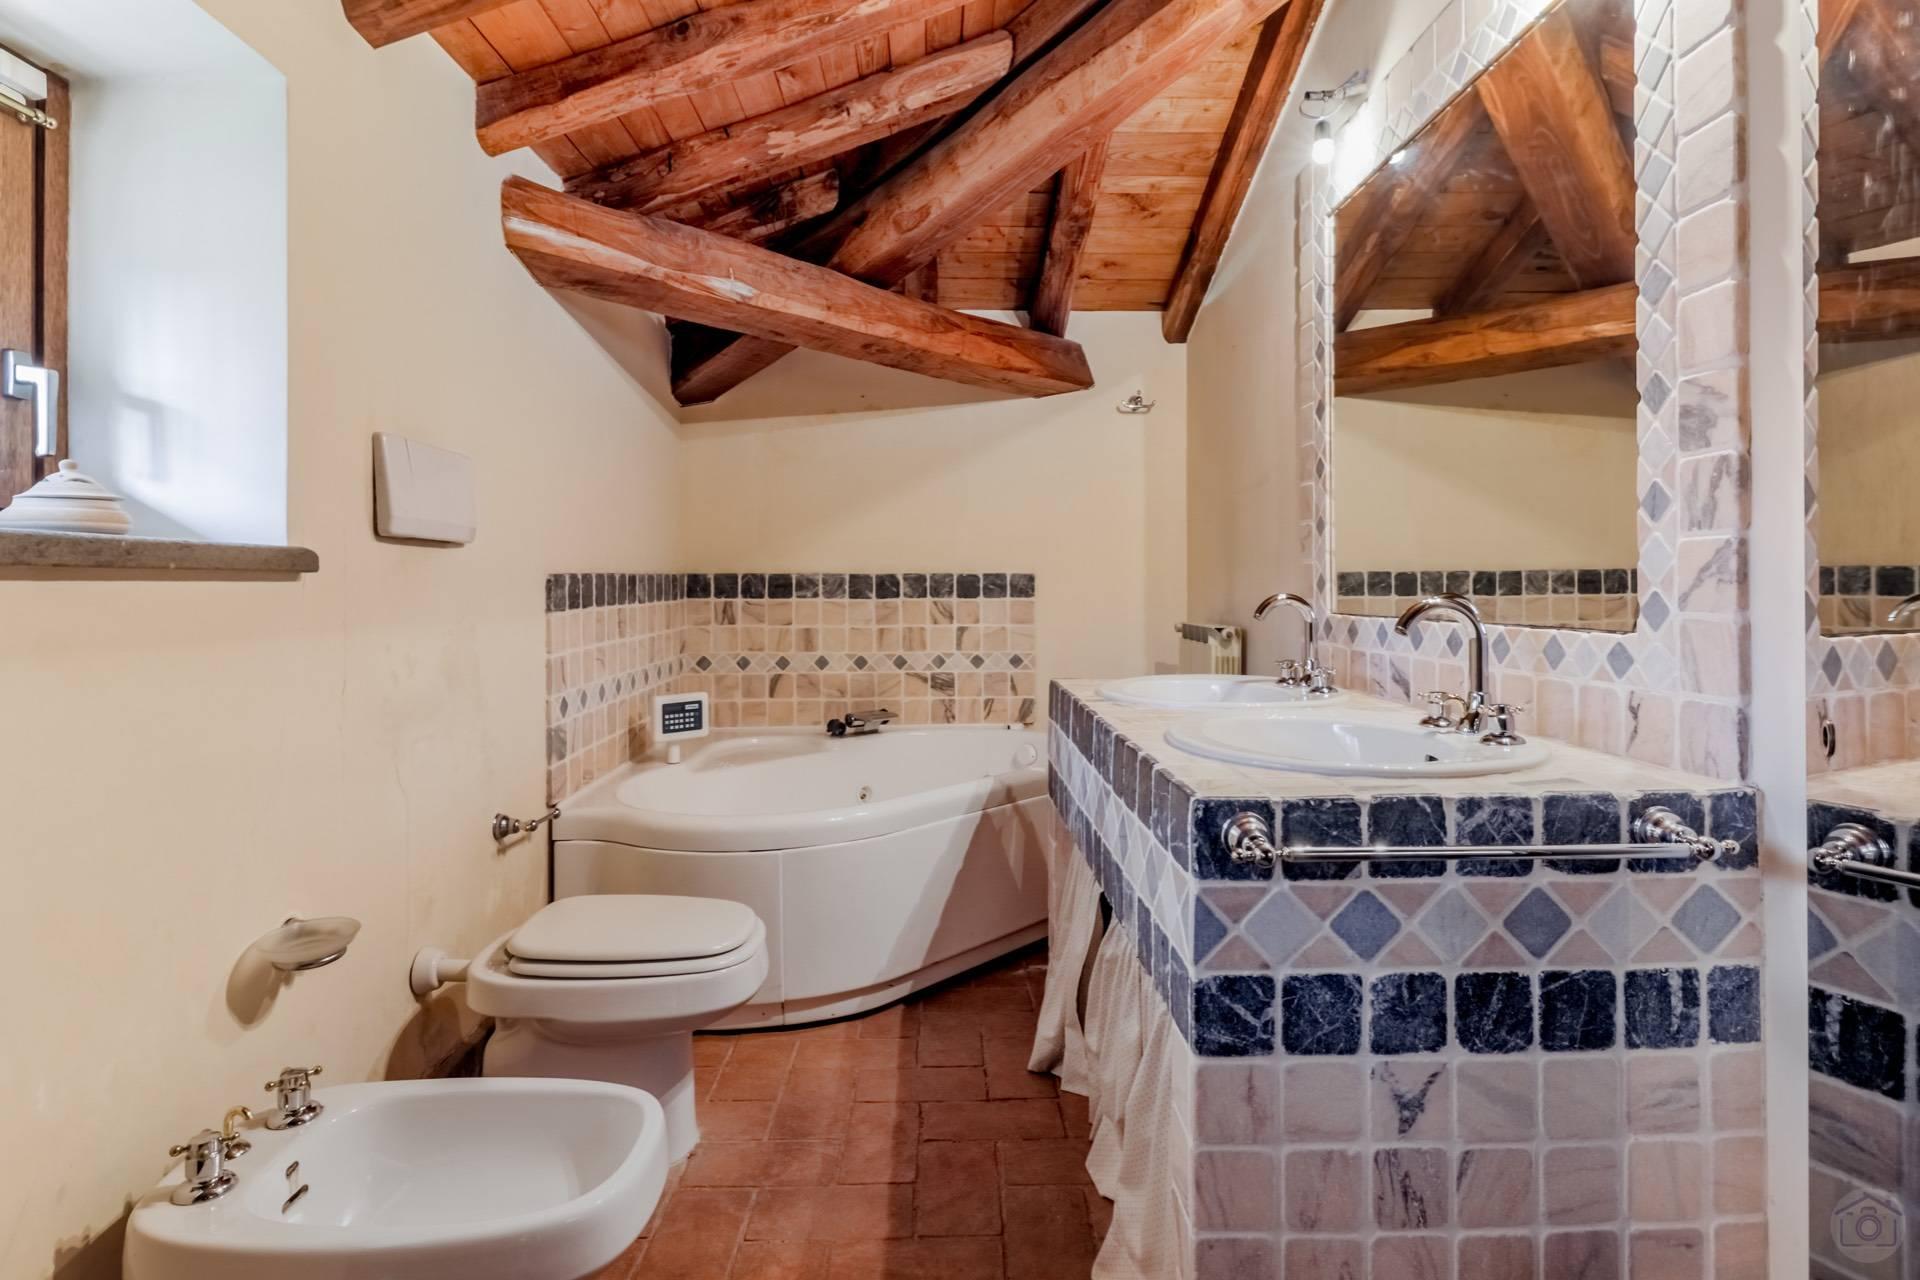 Villa in Vendita a Sacrofano: 5 locali, 180 mq - Foto 15